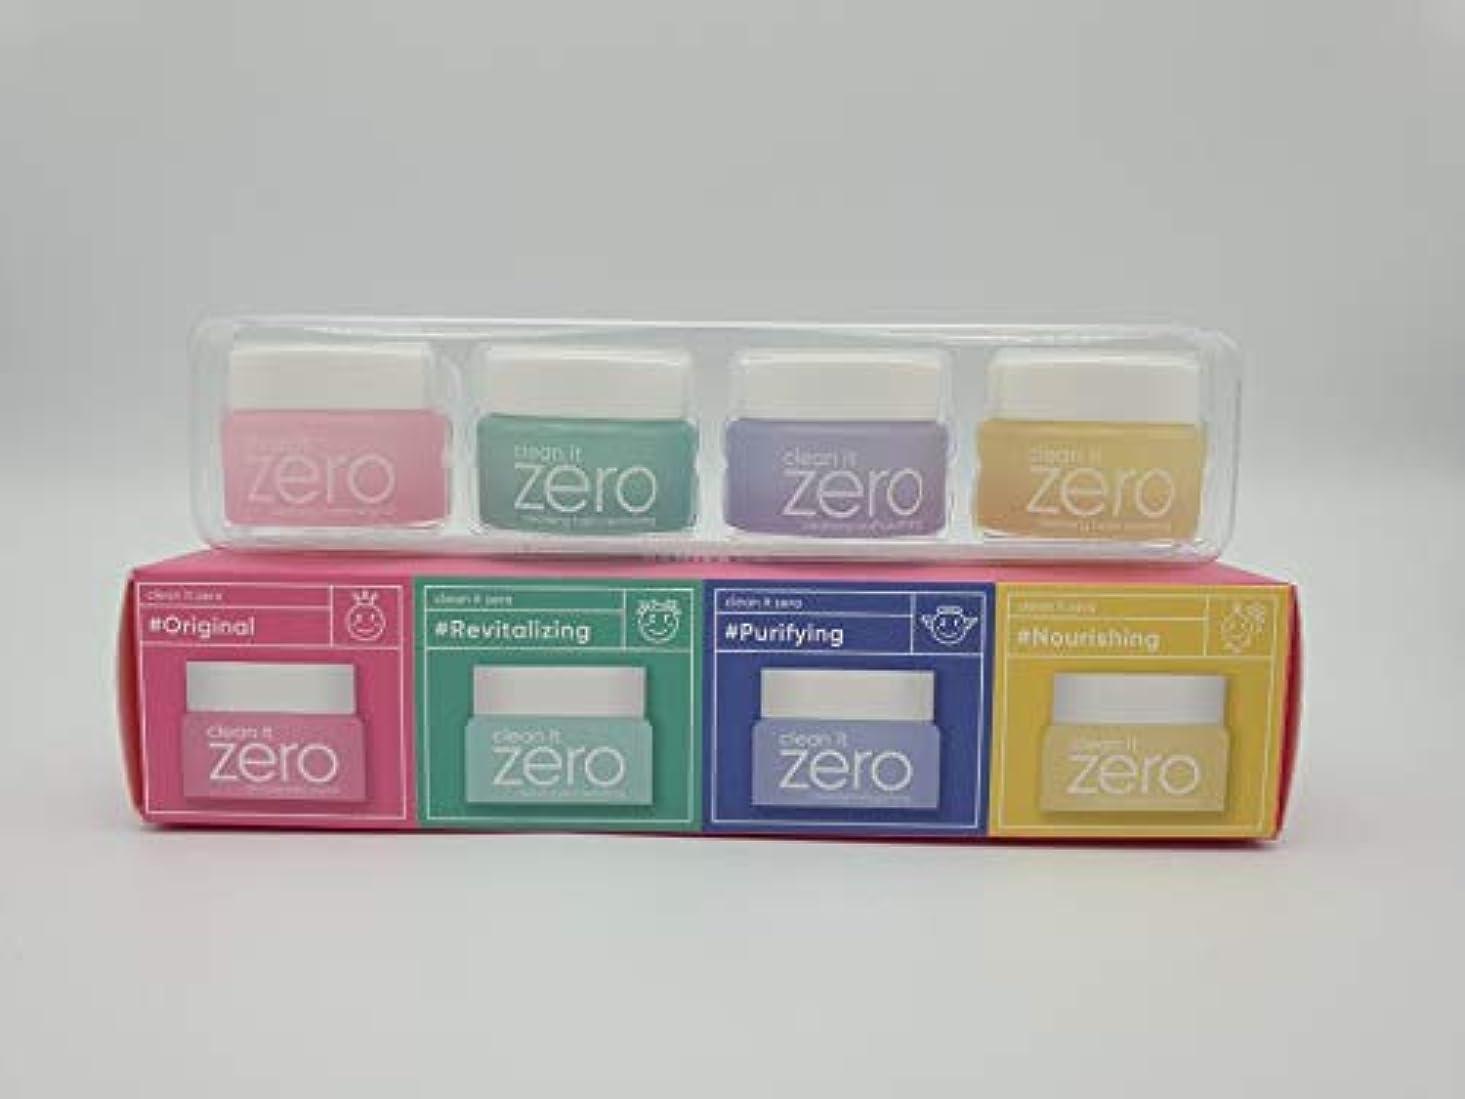 決めます丁寧と闘うBANILA CO Clean It Zero Special Kit (7ml×4items)/バニラコ クリーン イット ゼロ スペシャル キット (7ml×4種) [並行輸入品]